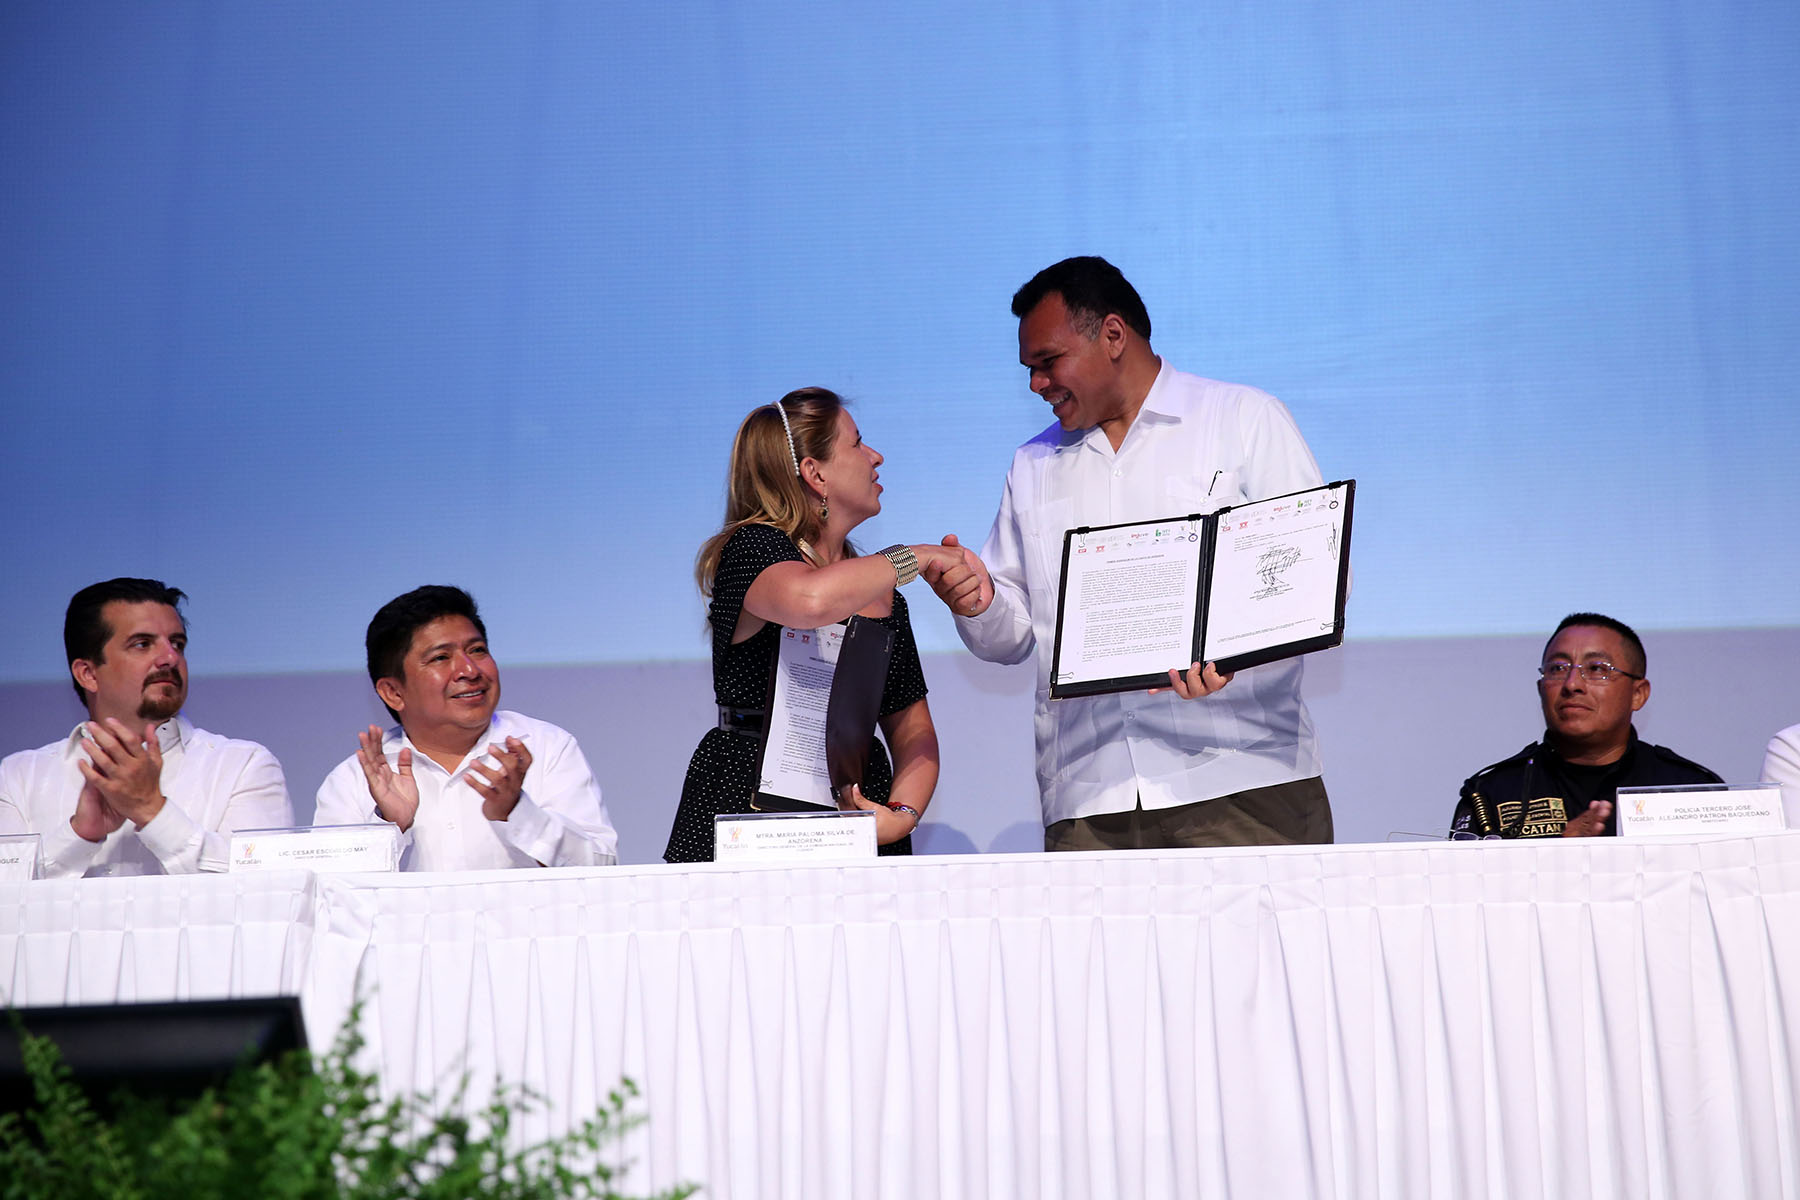 La directora de la CONAVI, Paloma Silva de Anzorena, y el gobernador de Yucatán, Rolando Zapata Bello, durante la firma del Adendum al Convenio de Coordinación de Acciones de Vivienda, para invertir 420 millones de pesos en este sector.